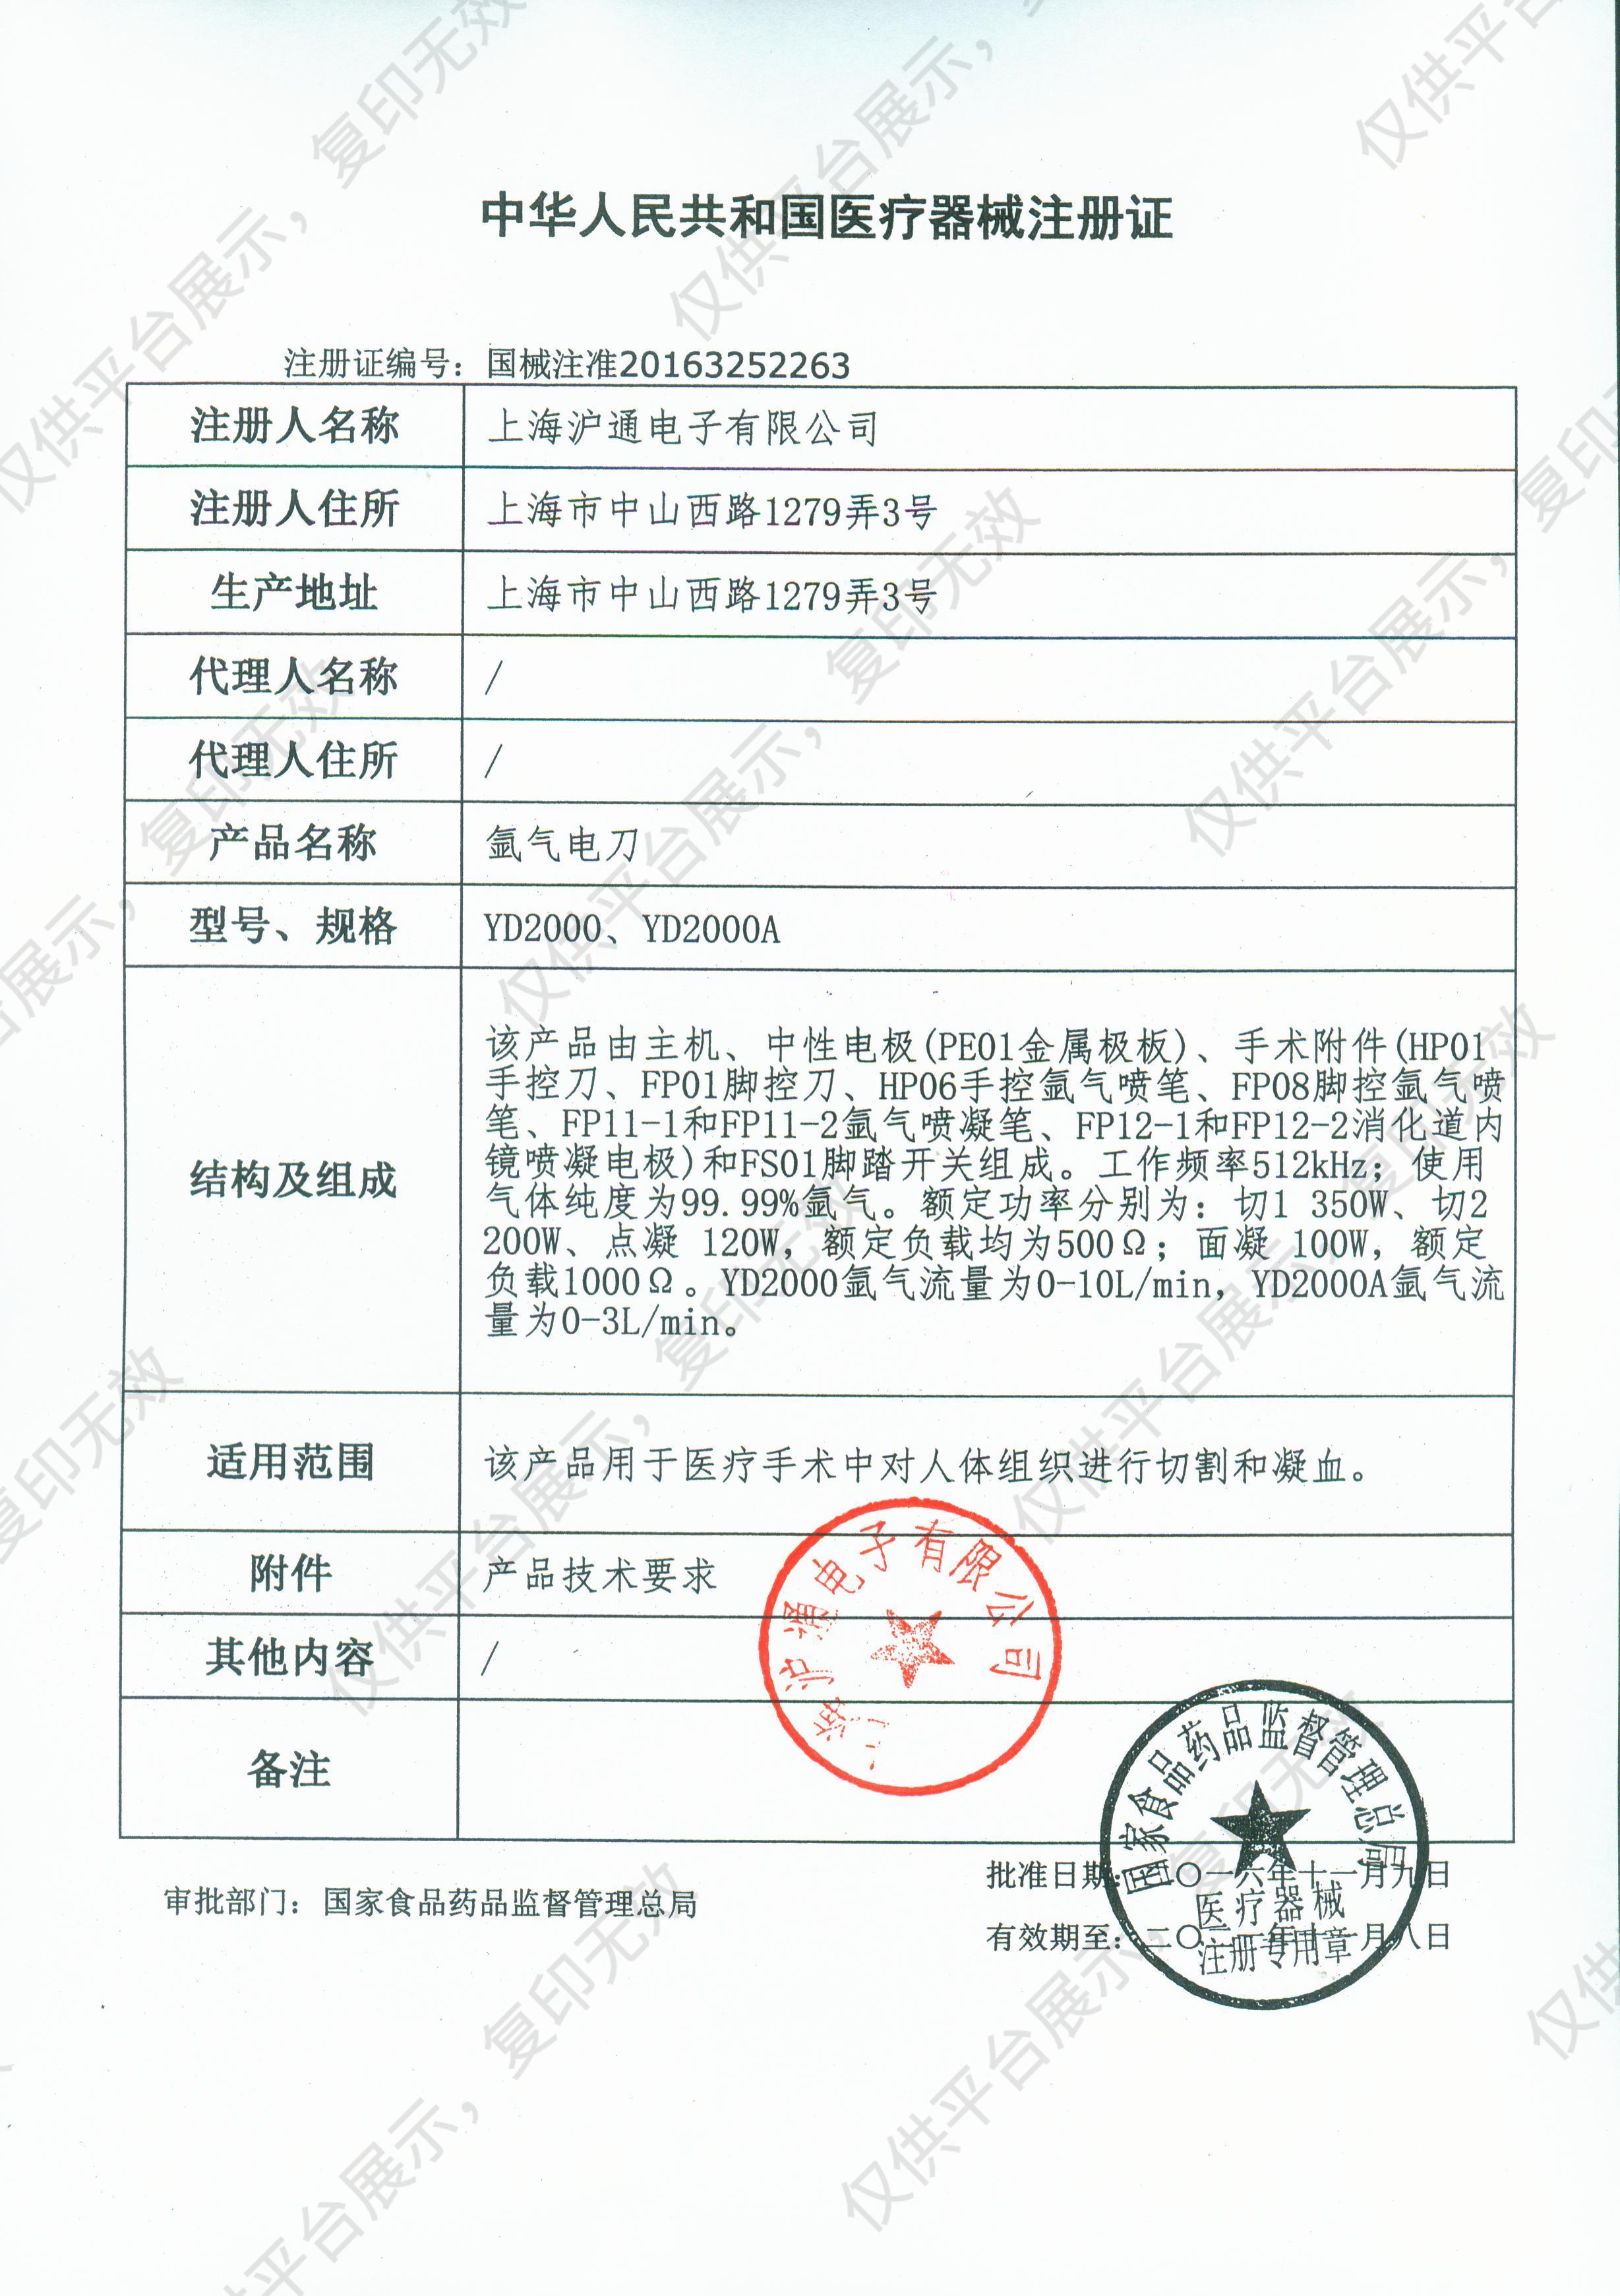 沪通HUTONG 氩气电刀 YD2000A注册证